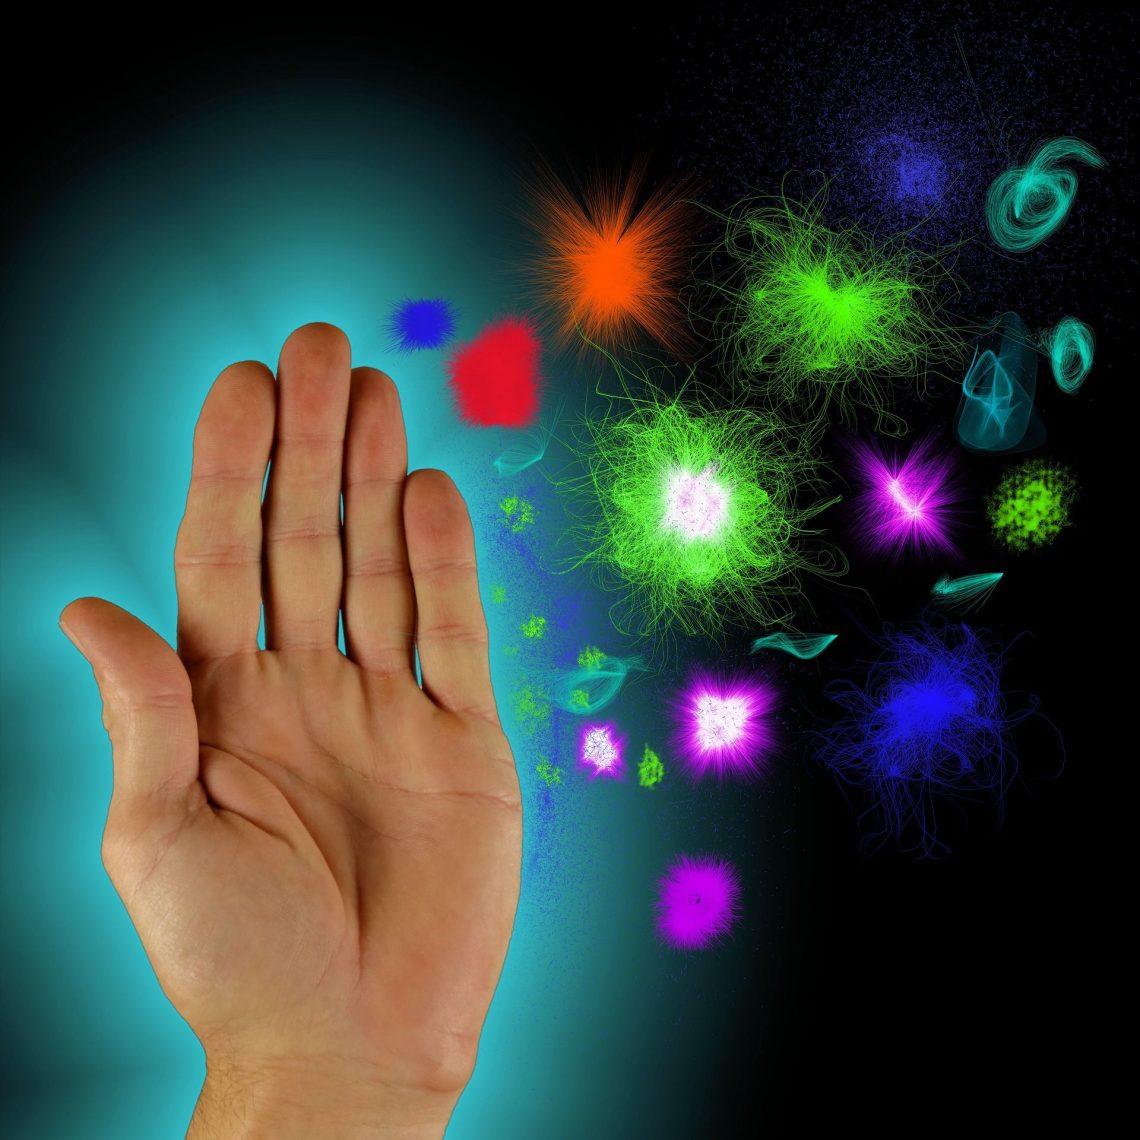 Eine Hand wehrt Viren ab